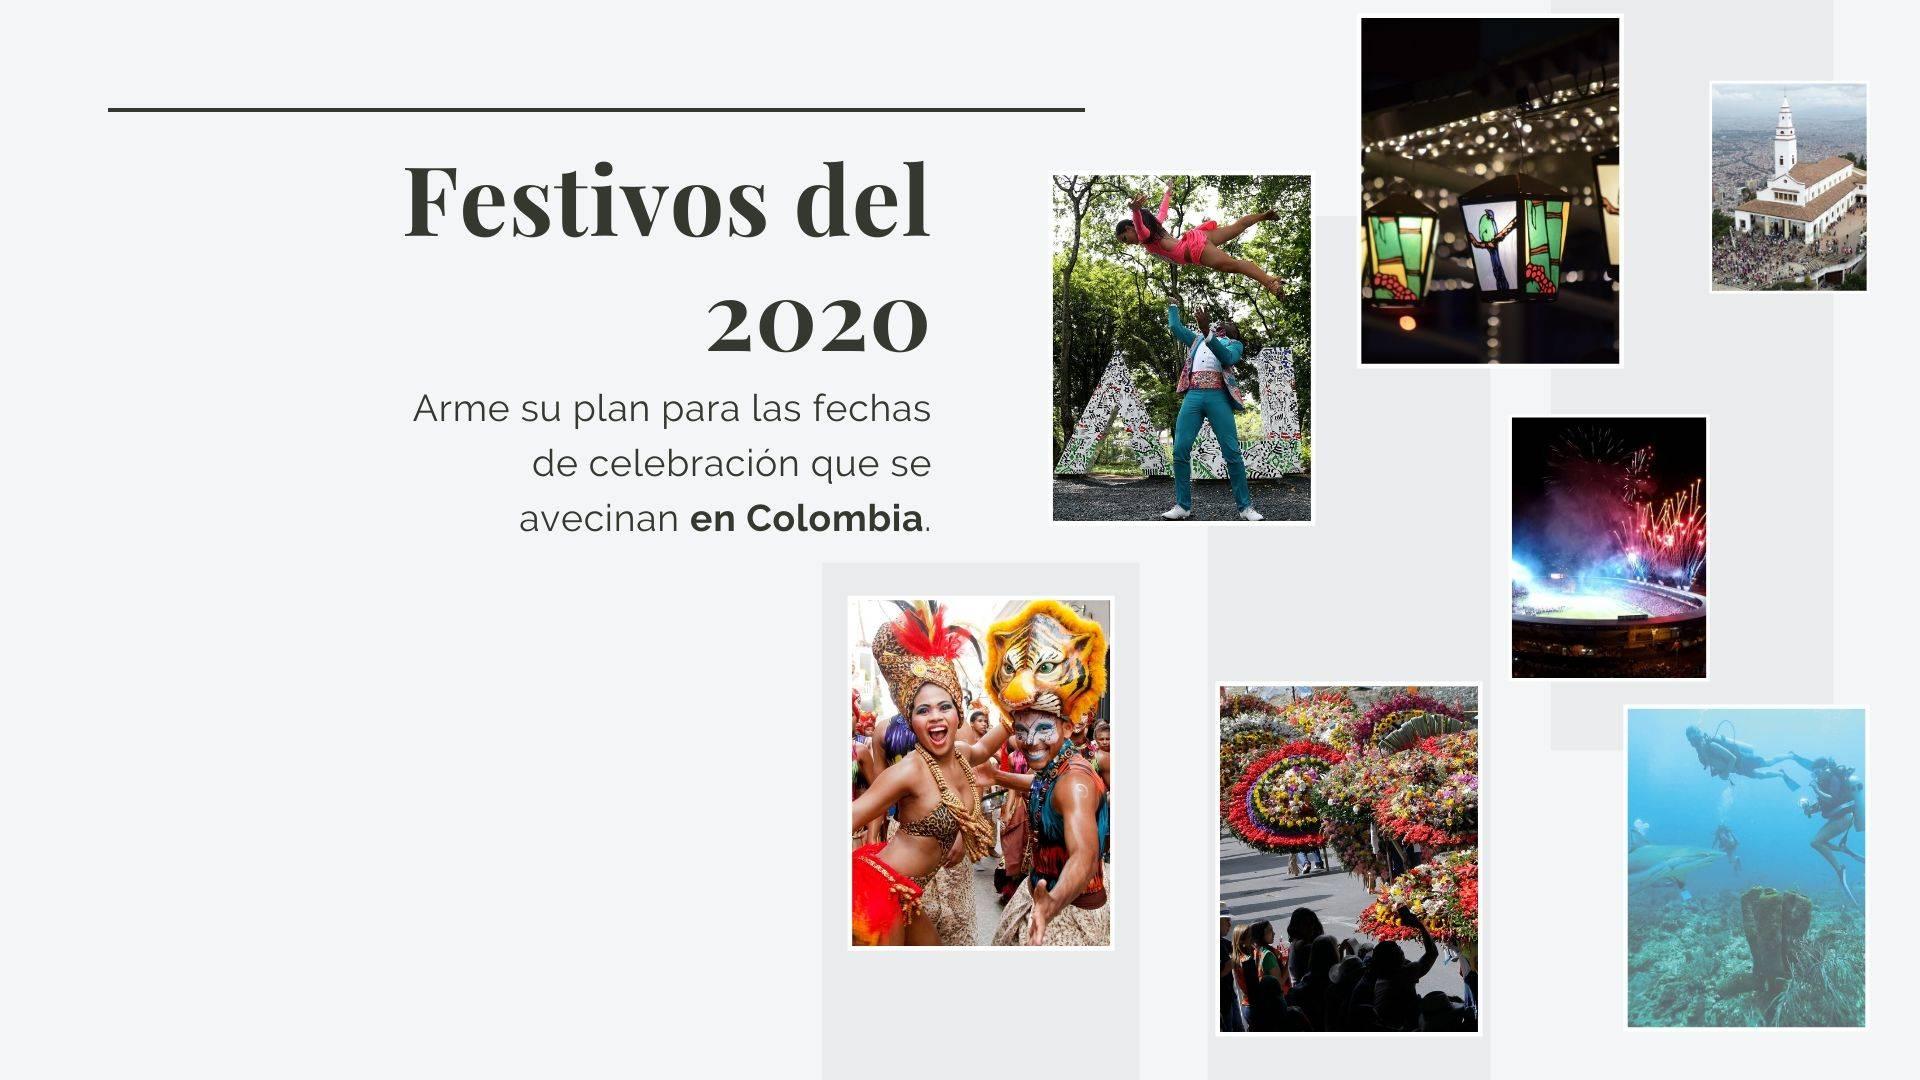 Calendario Del 2020 En Colombia Festivos Y Qué Se Celebra Otras Ciudades Colombia Eltiempo Com